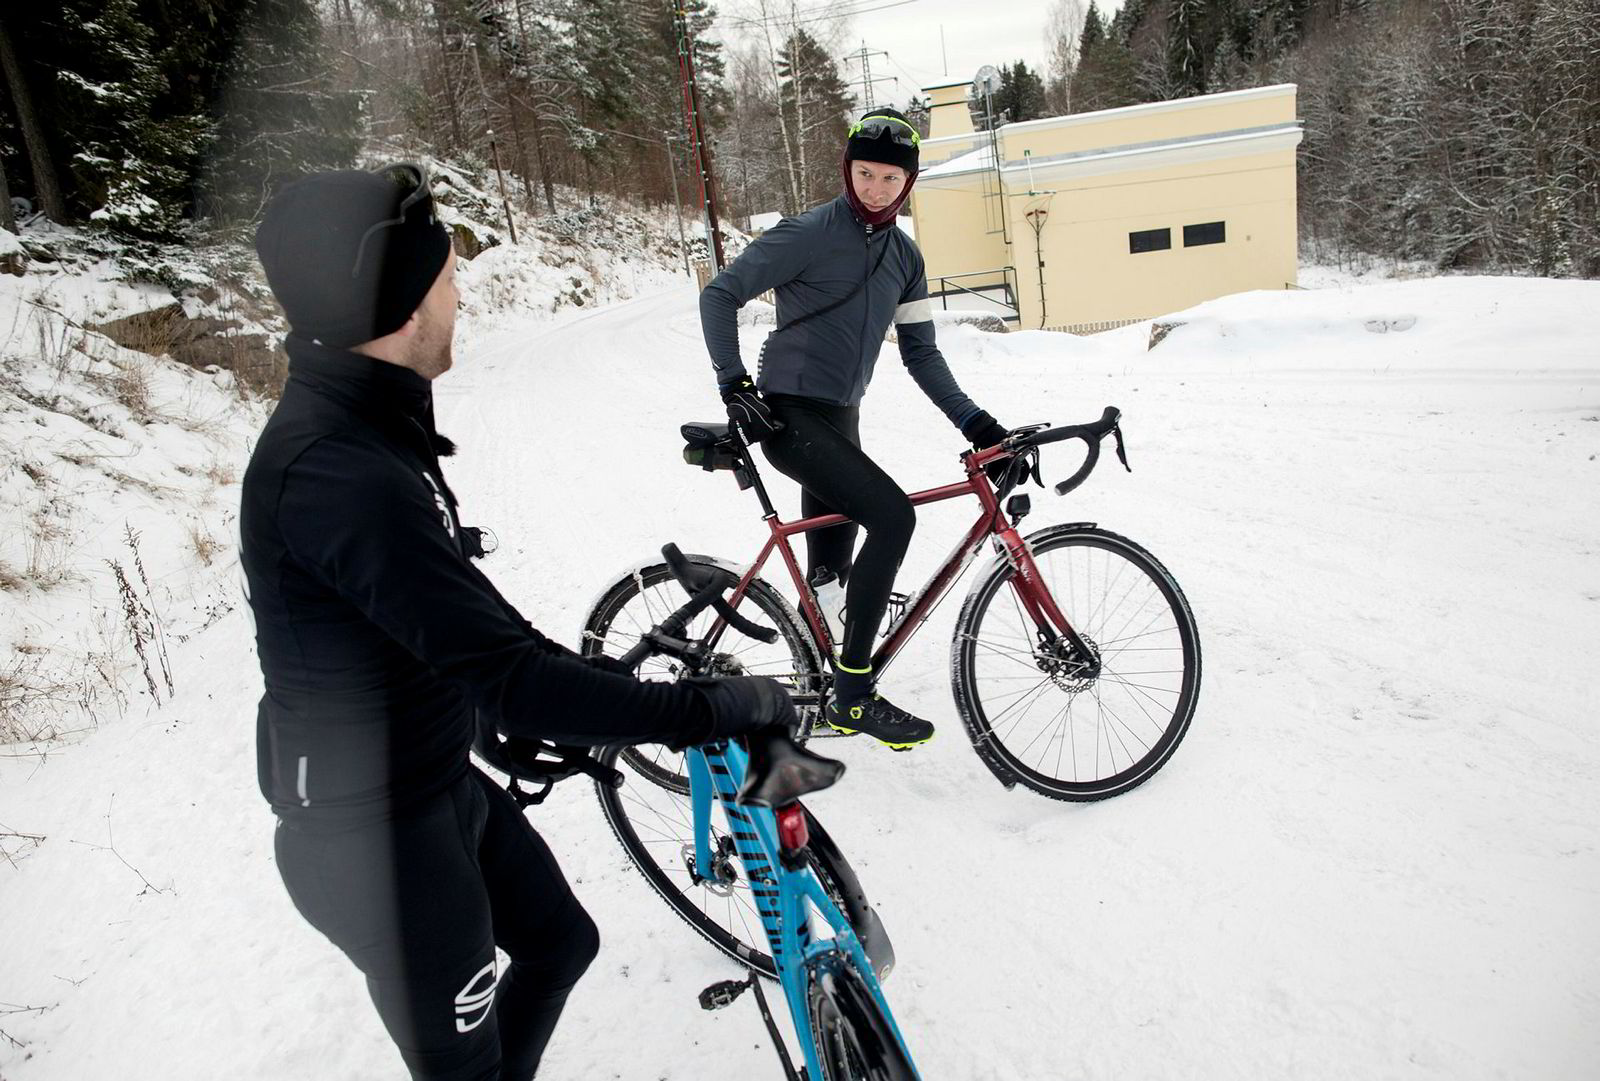 Christian Ekdahl (til høyre) har vært gjennom fem-seks mil sykling ut til Nittedal og tilbake gjennom Nordmarka. sammen med Julis Strömberg når han støter på Arjan Boldingh (til venstre). Det er krevende føre og kompisene har gått over ende i marka.